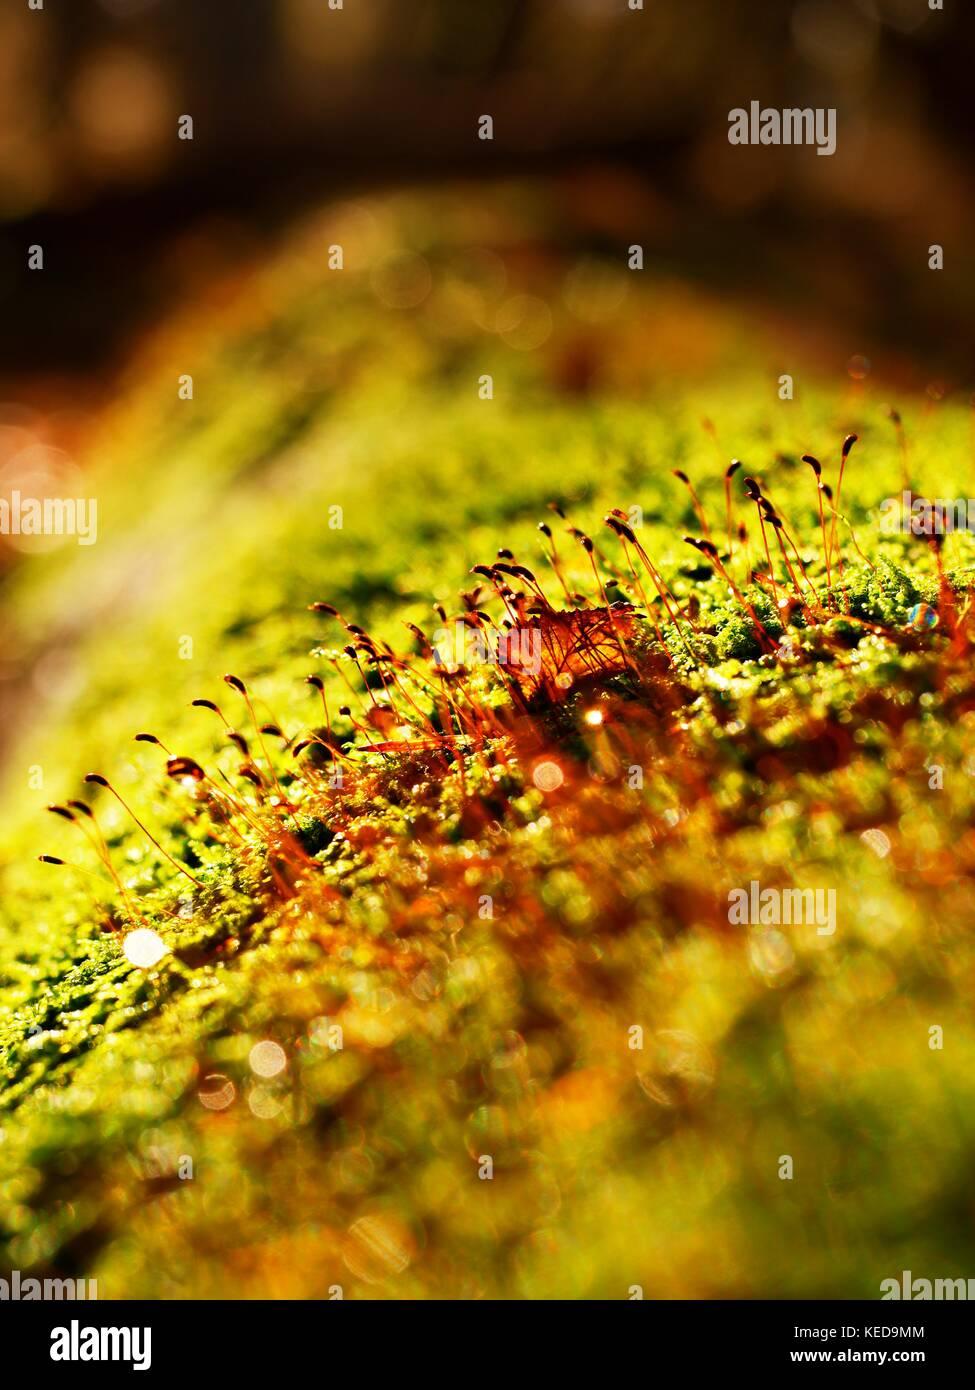 Brown splendenti aghi in moss sull'albero caduto. lascia la foresta in caduta stagione in background. Immagini Stock